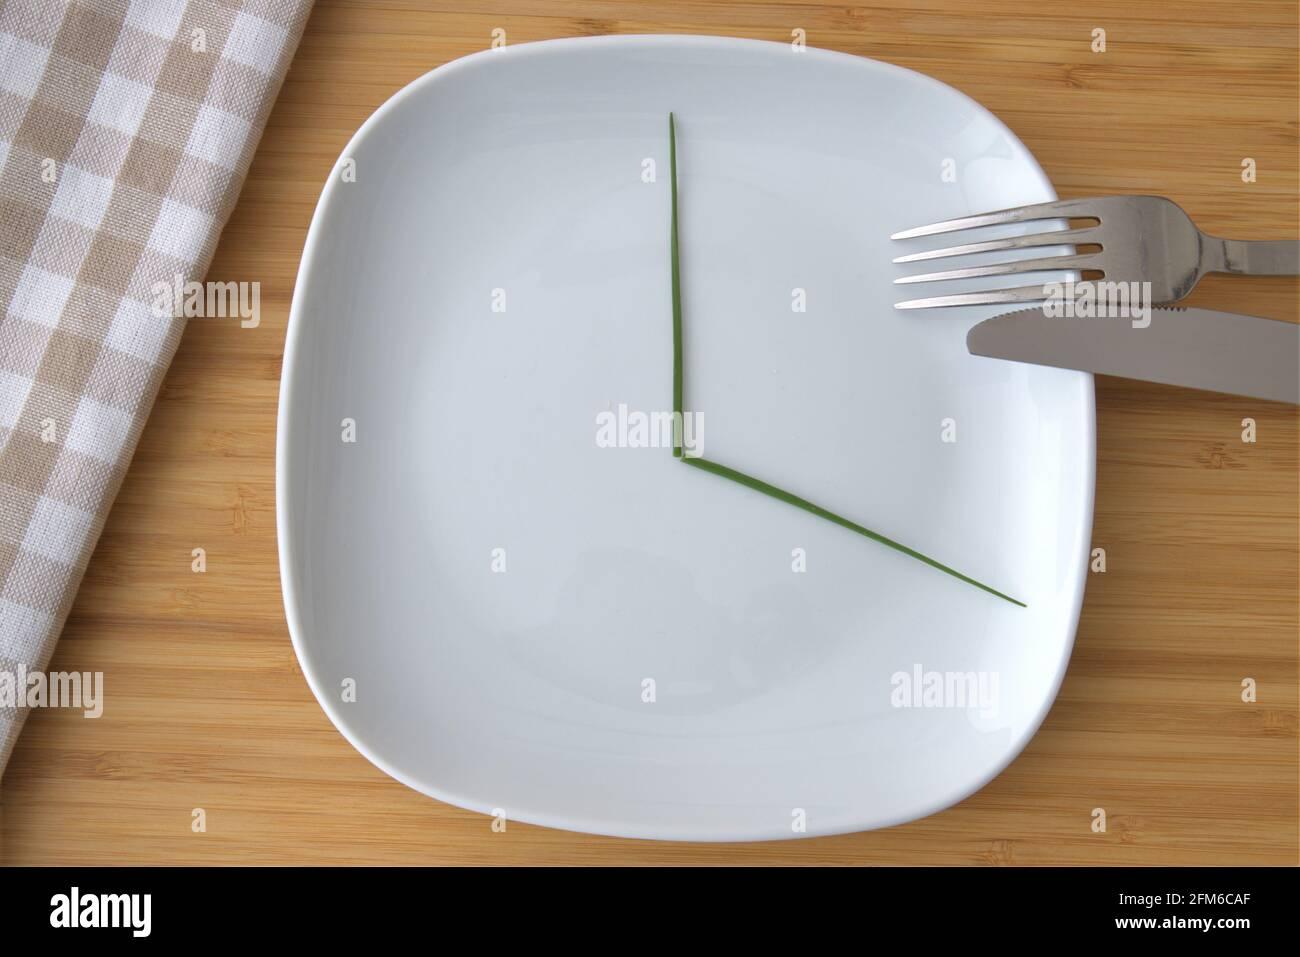 Draufsicht auf eine weiße Platte mit einem Drittel markiert Für intermittierendes Fasten Stockfoto